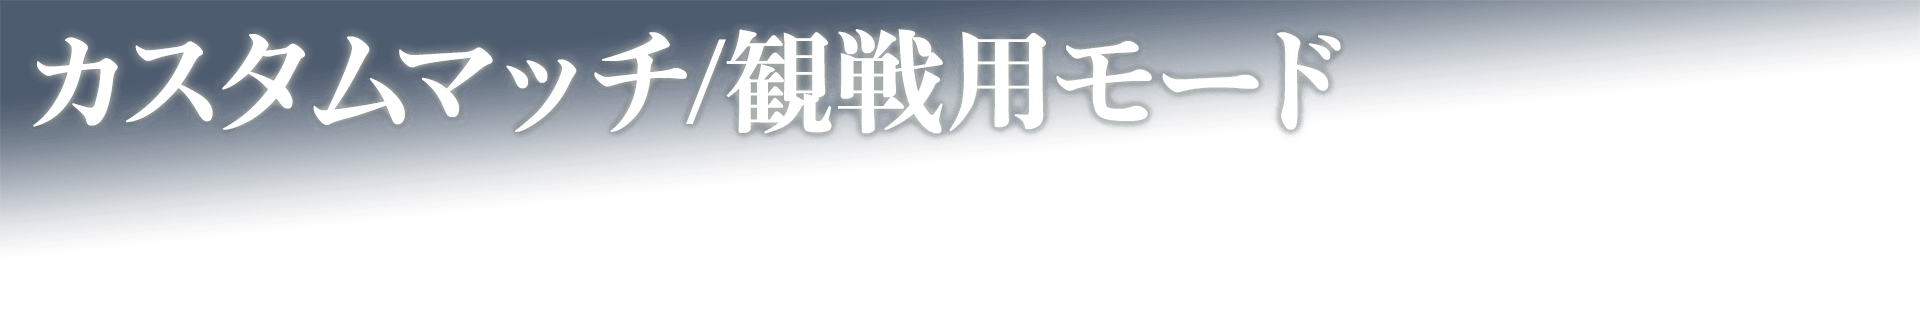 カスタムマッチ/観戦用モード